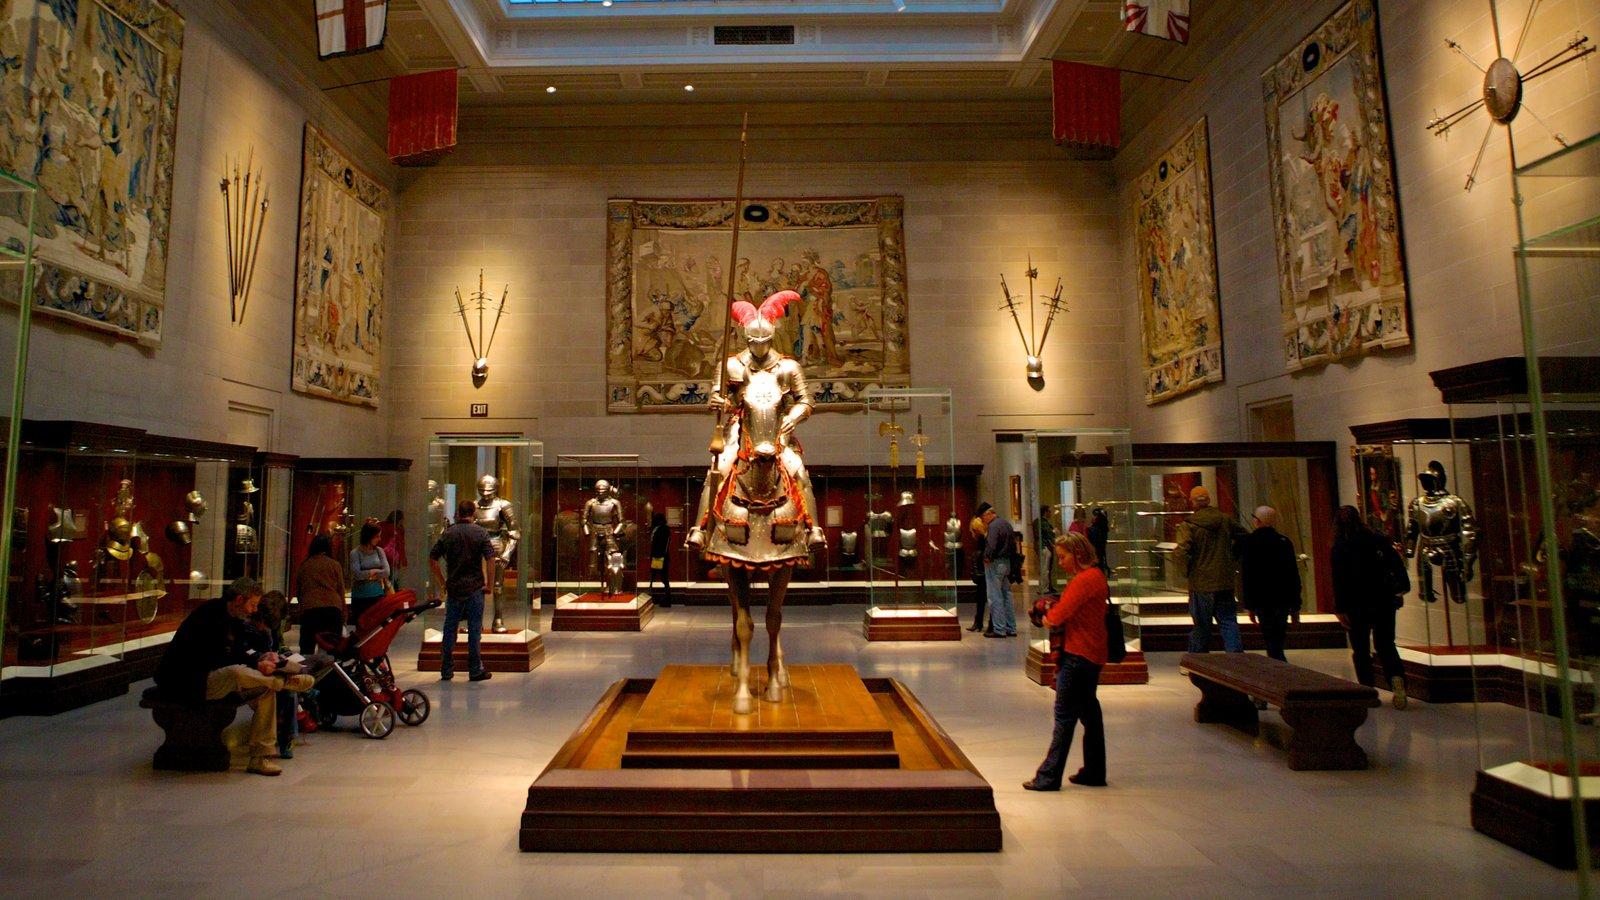 Cleveland Museum of Art caracterizando vistas internas e arte